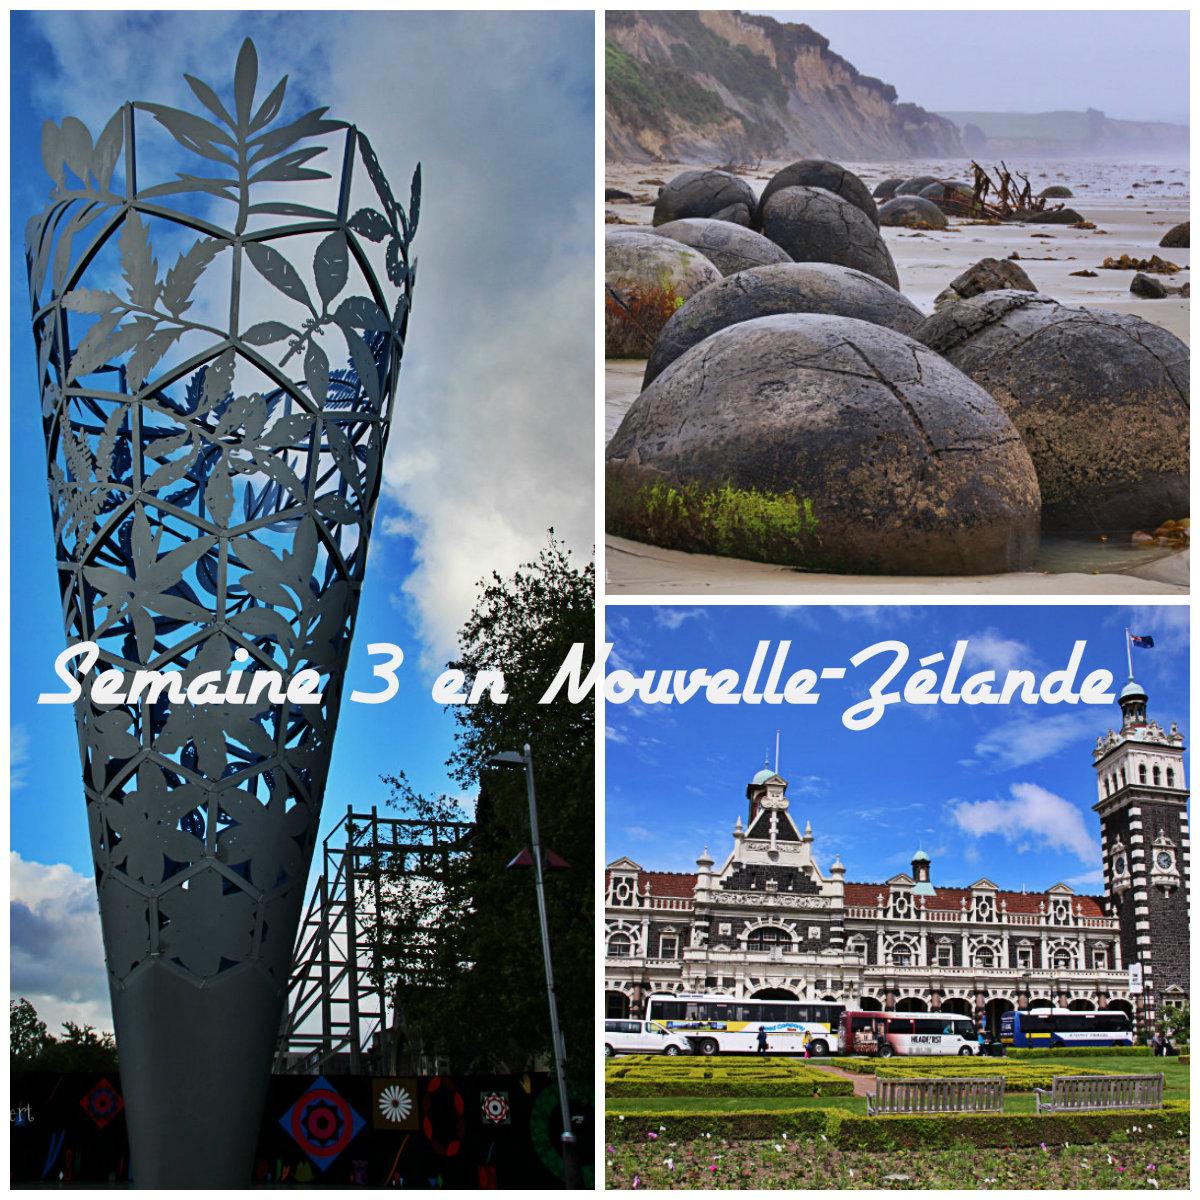 Nouvelle-Zélande semaine 3 : De Dunedin à Christchurch